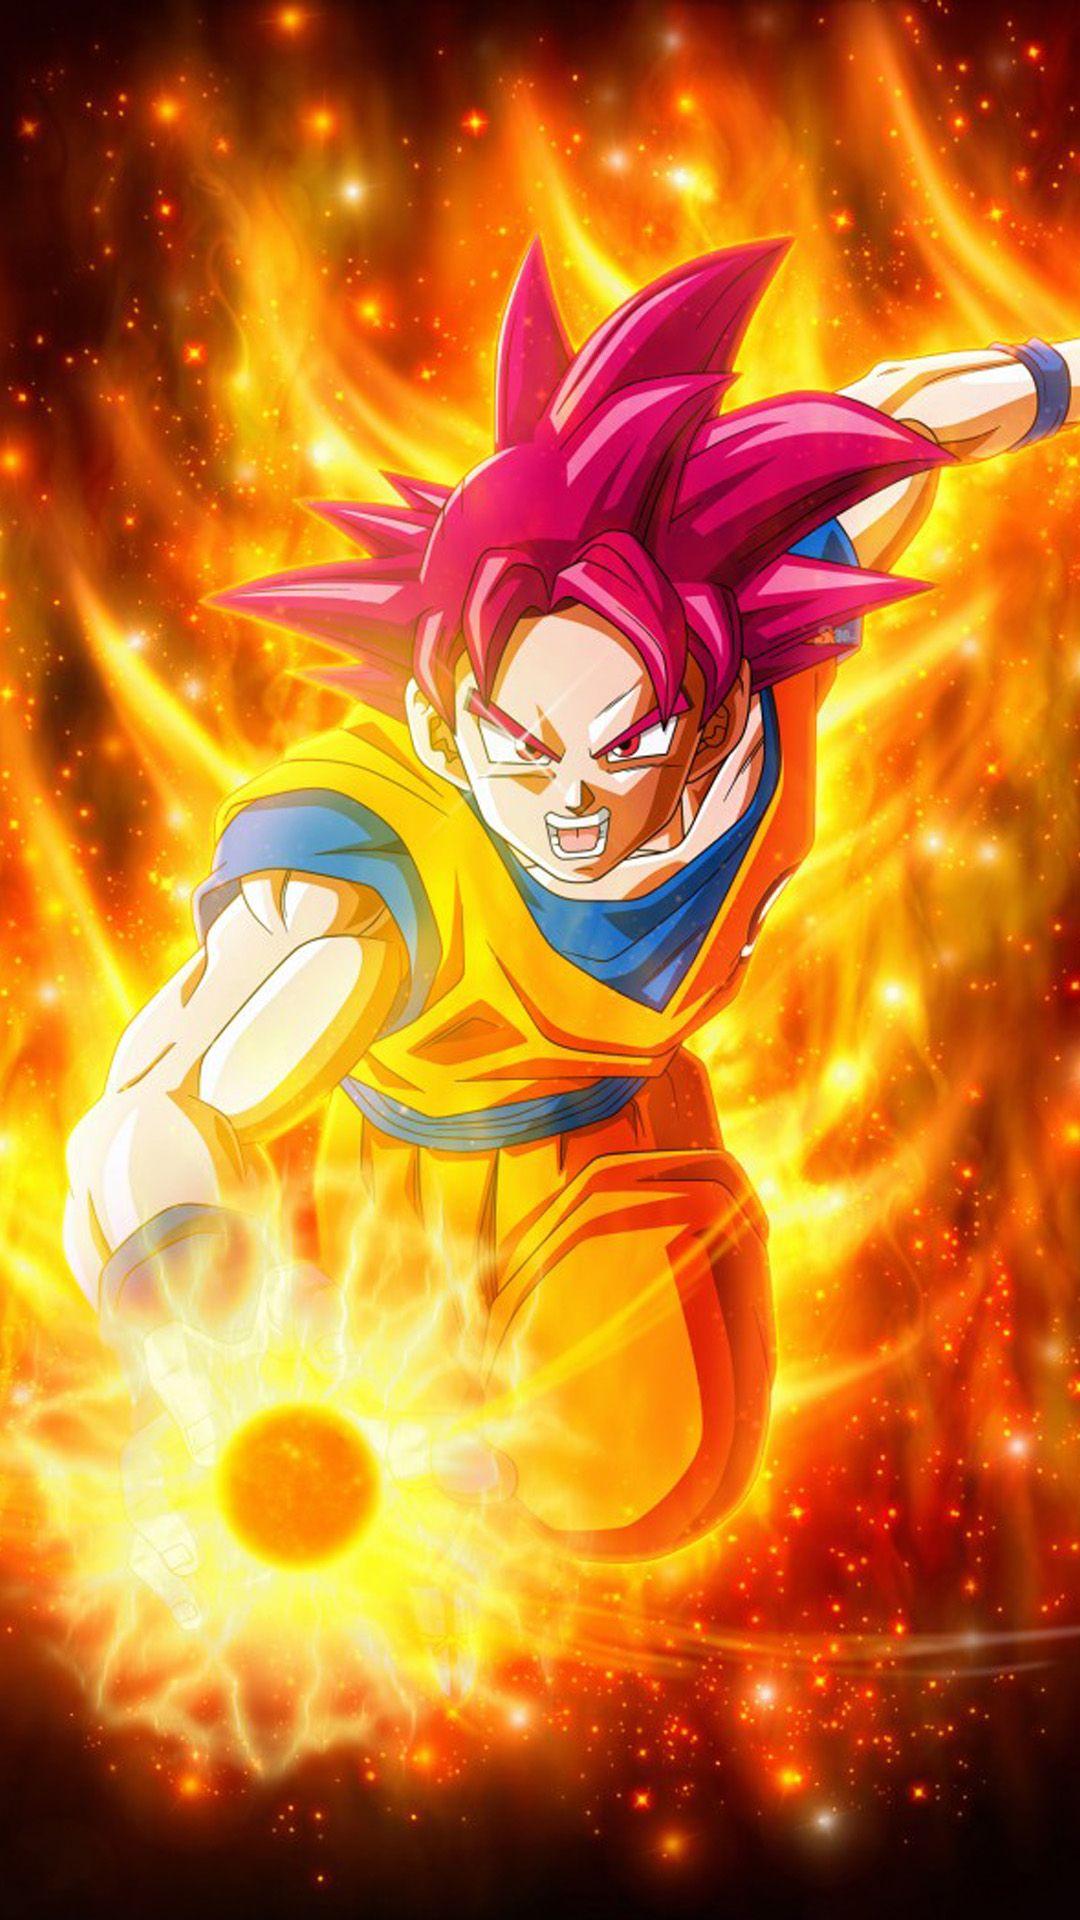 Super Saiyan God In Dragon Ball Super in 2020 Anime